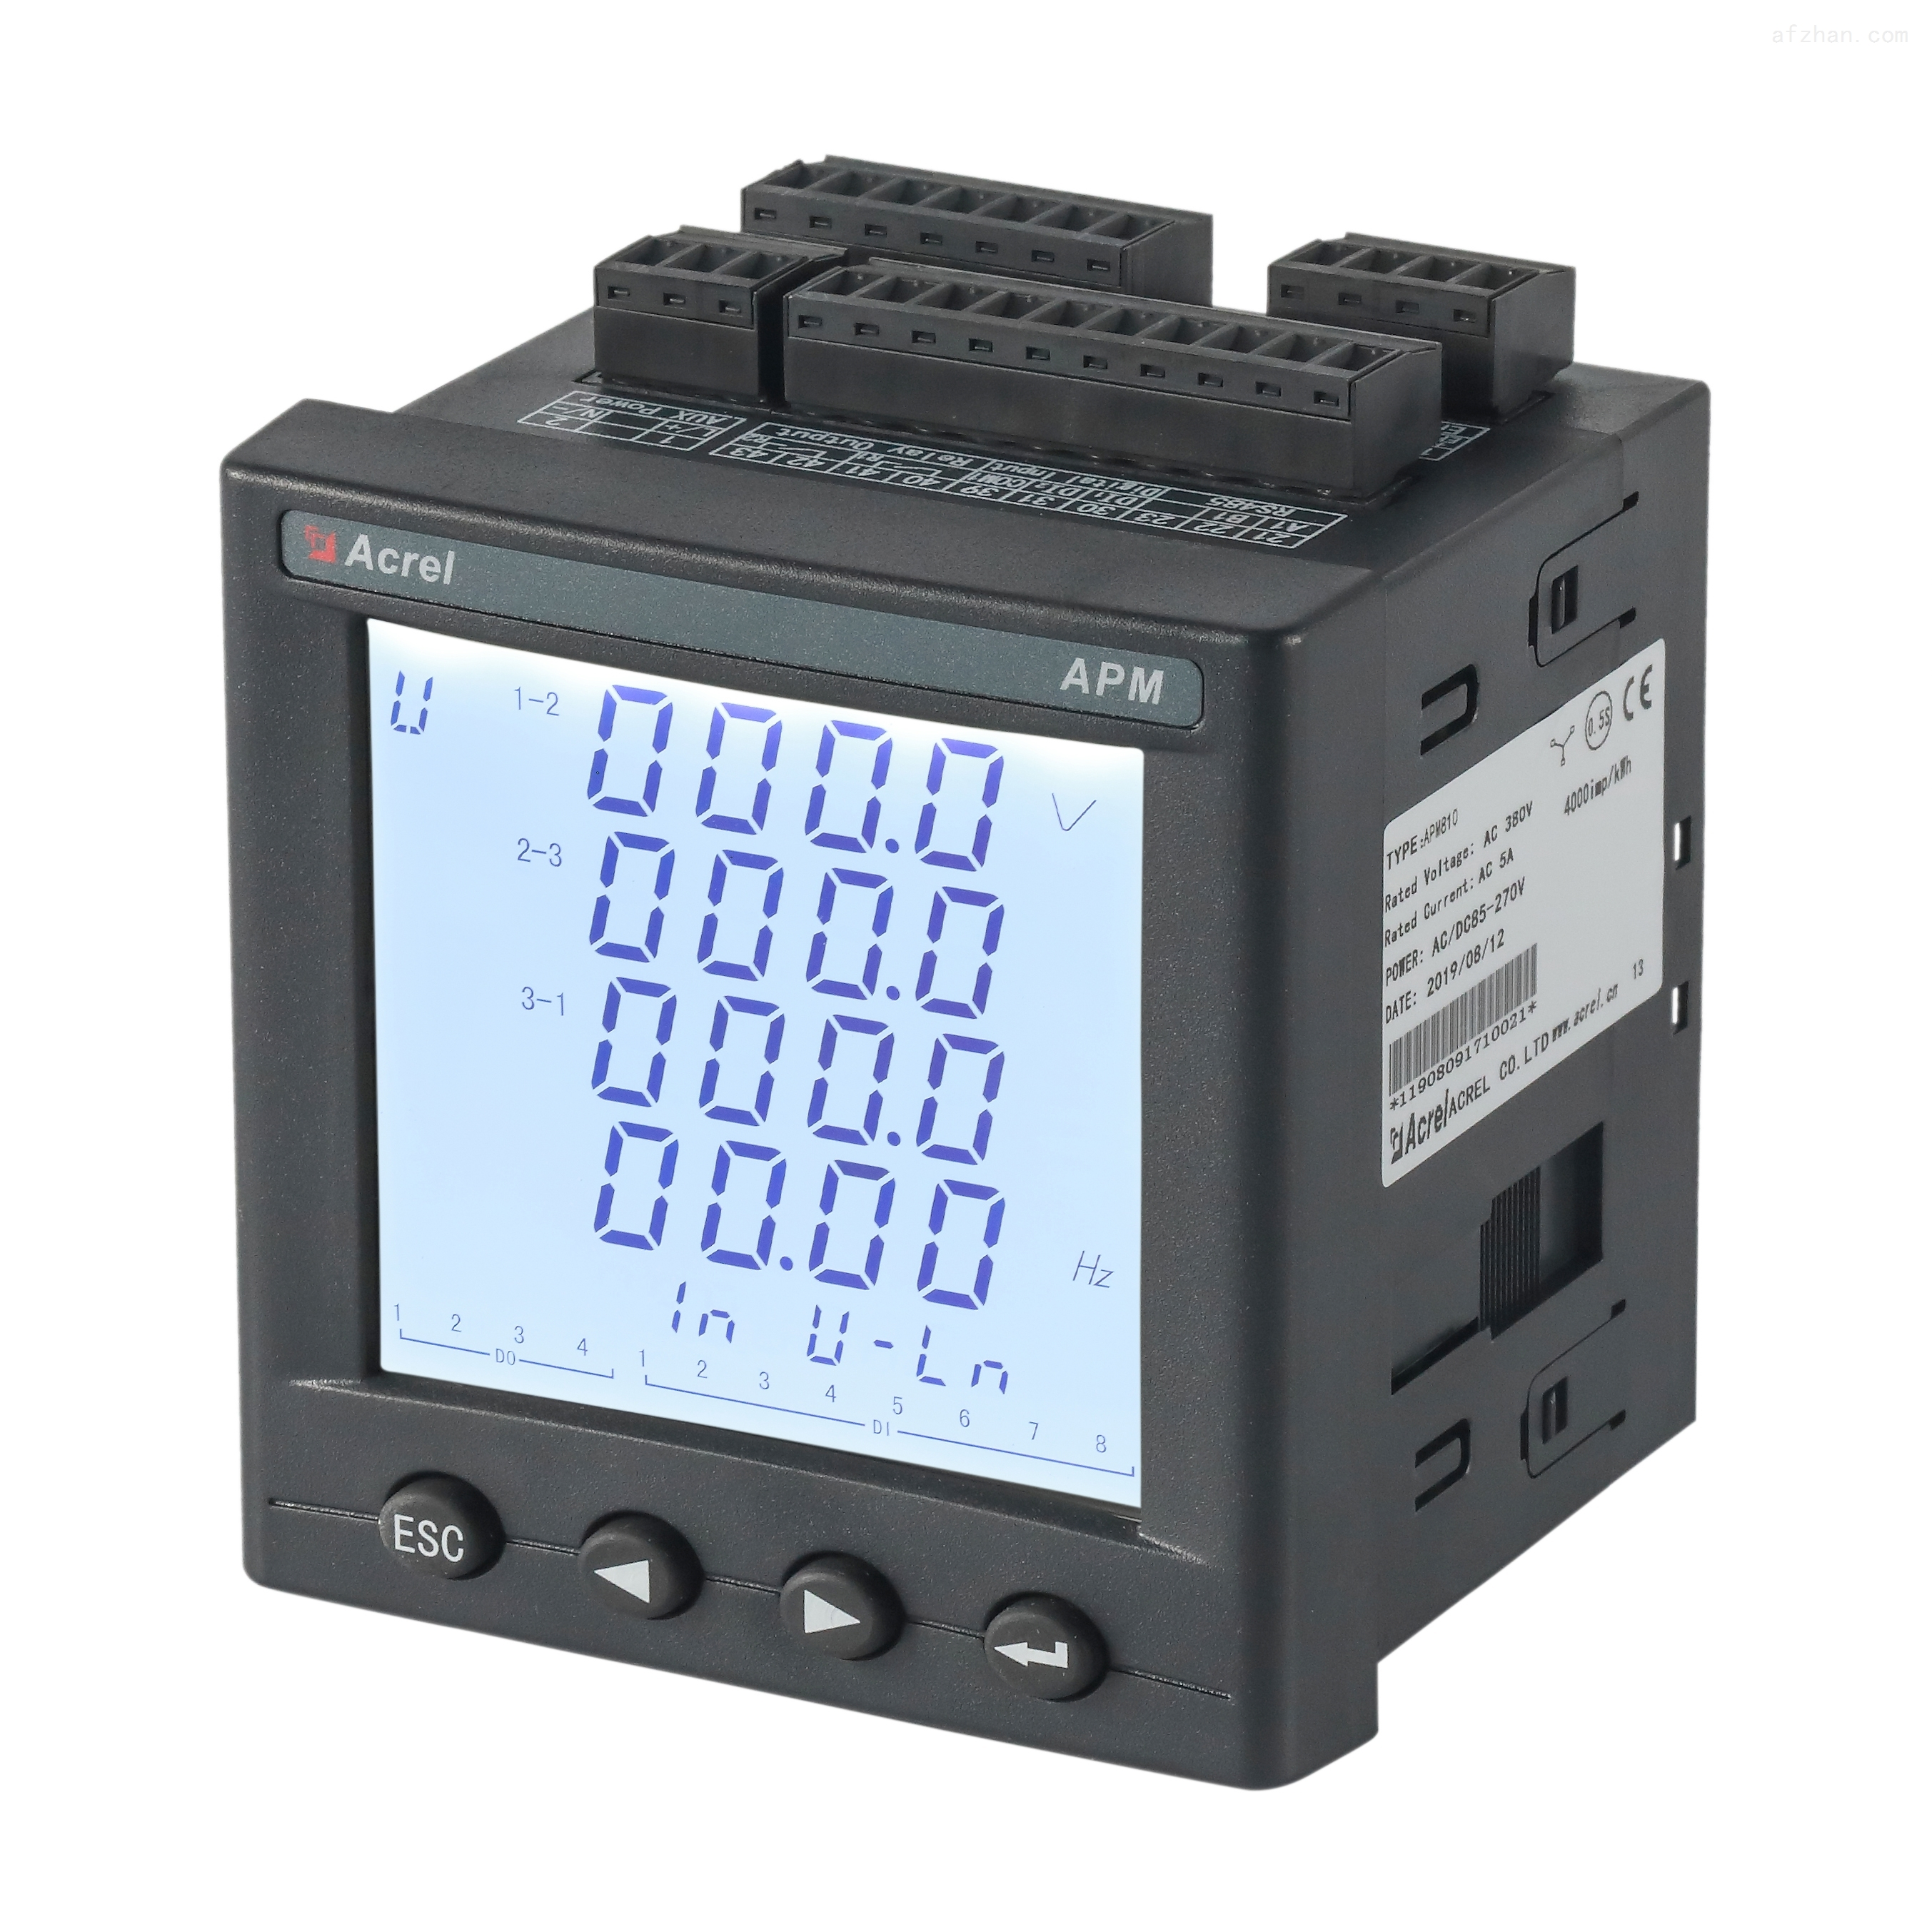 电能质量监测仪表 录波功能、事件记录功能